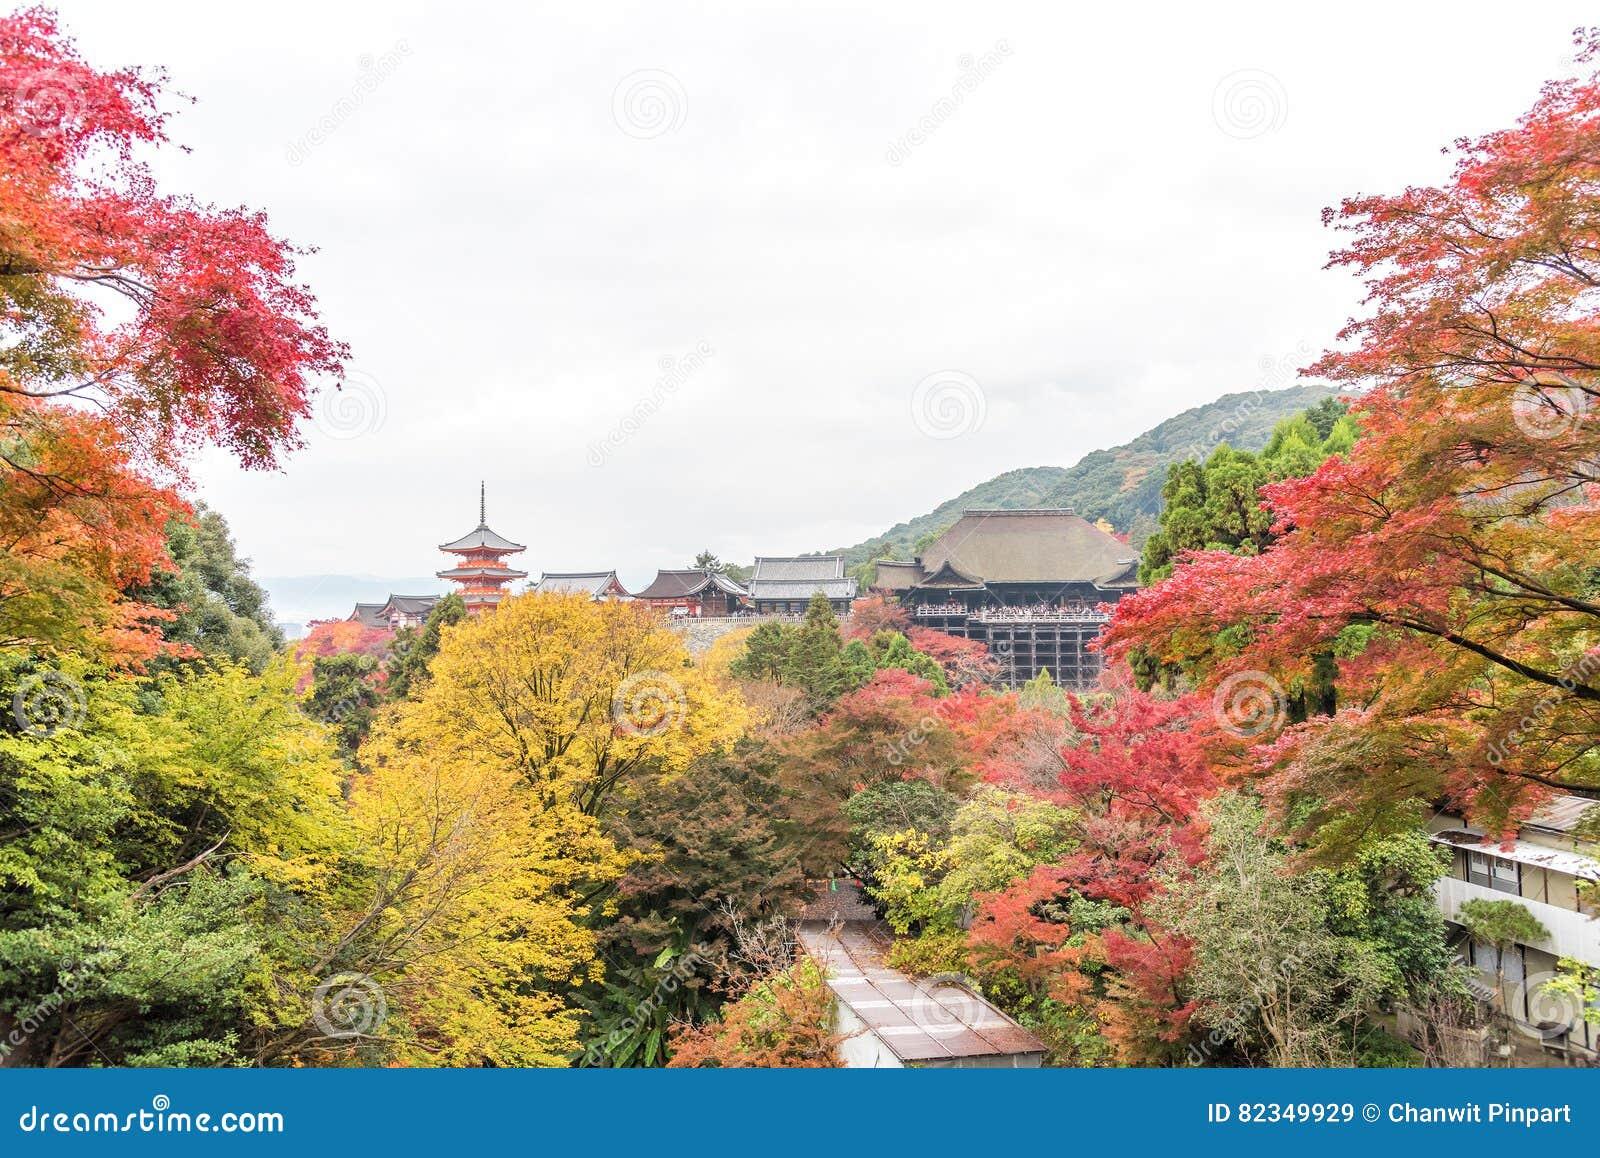 Tempel Kiyomizu oder Kiyomizu-dera in autum Jahreszeit in Kyoto, Japan